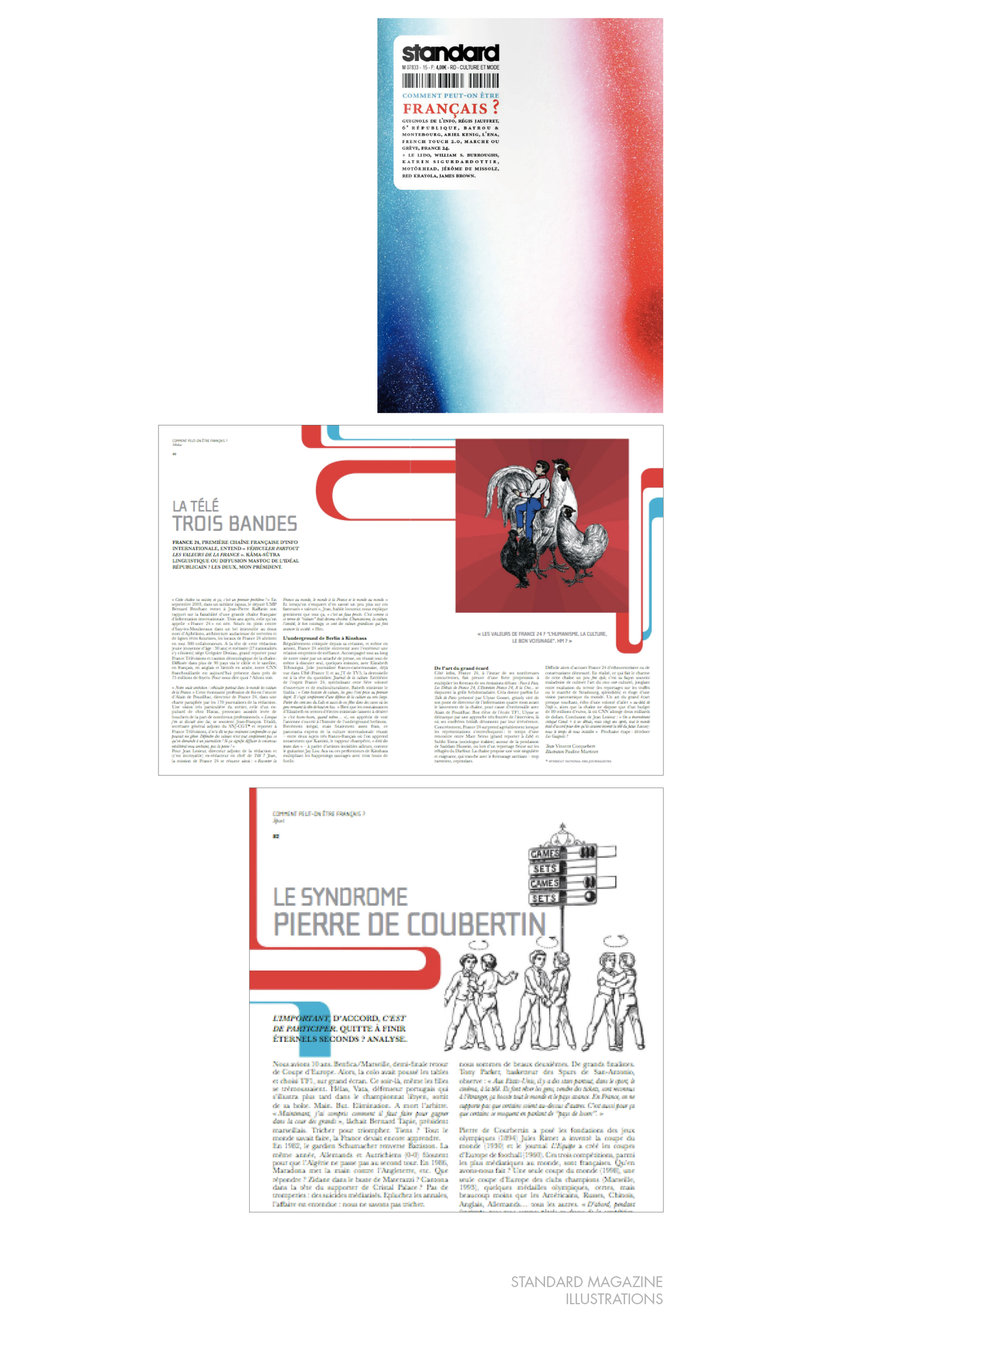 portfolio-graphicdesign-straightlayout19.jpg